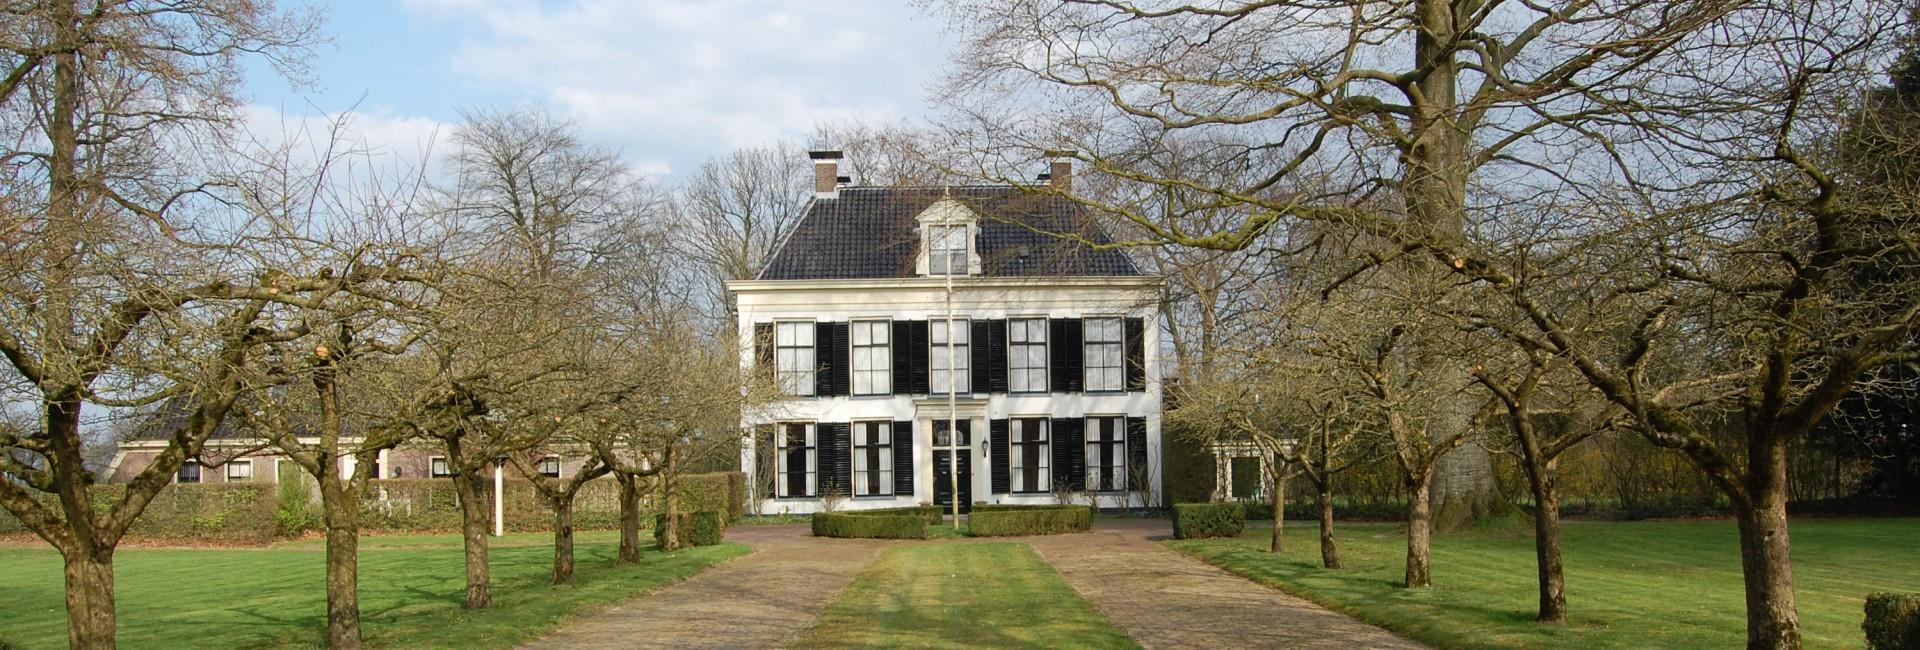 De cultuurhistorische vereniging van Dwingeloo